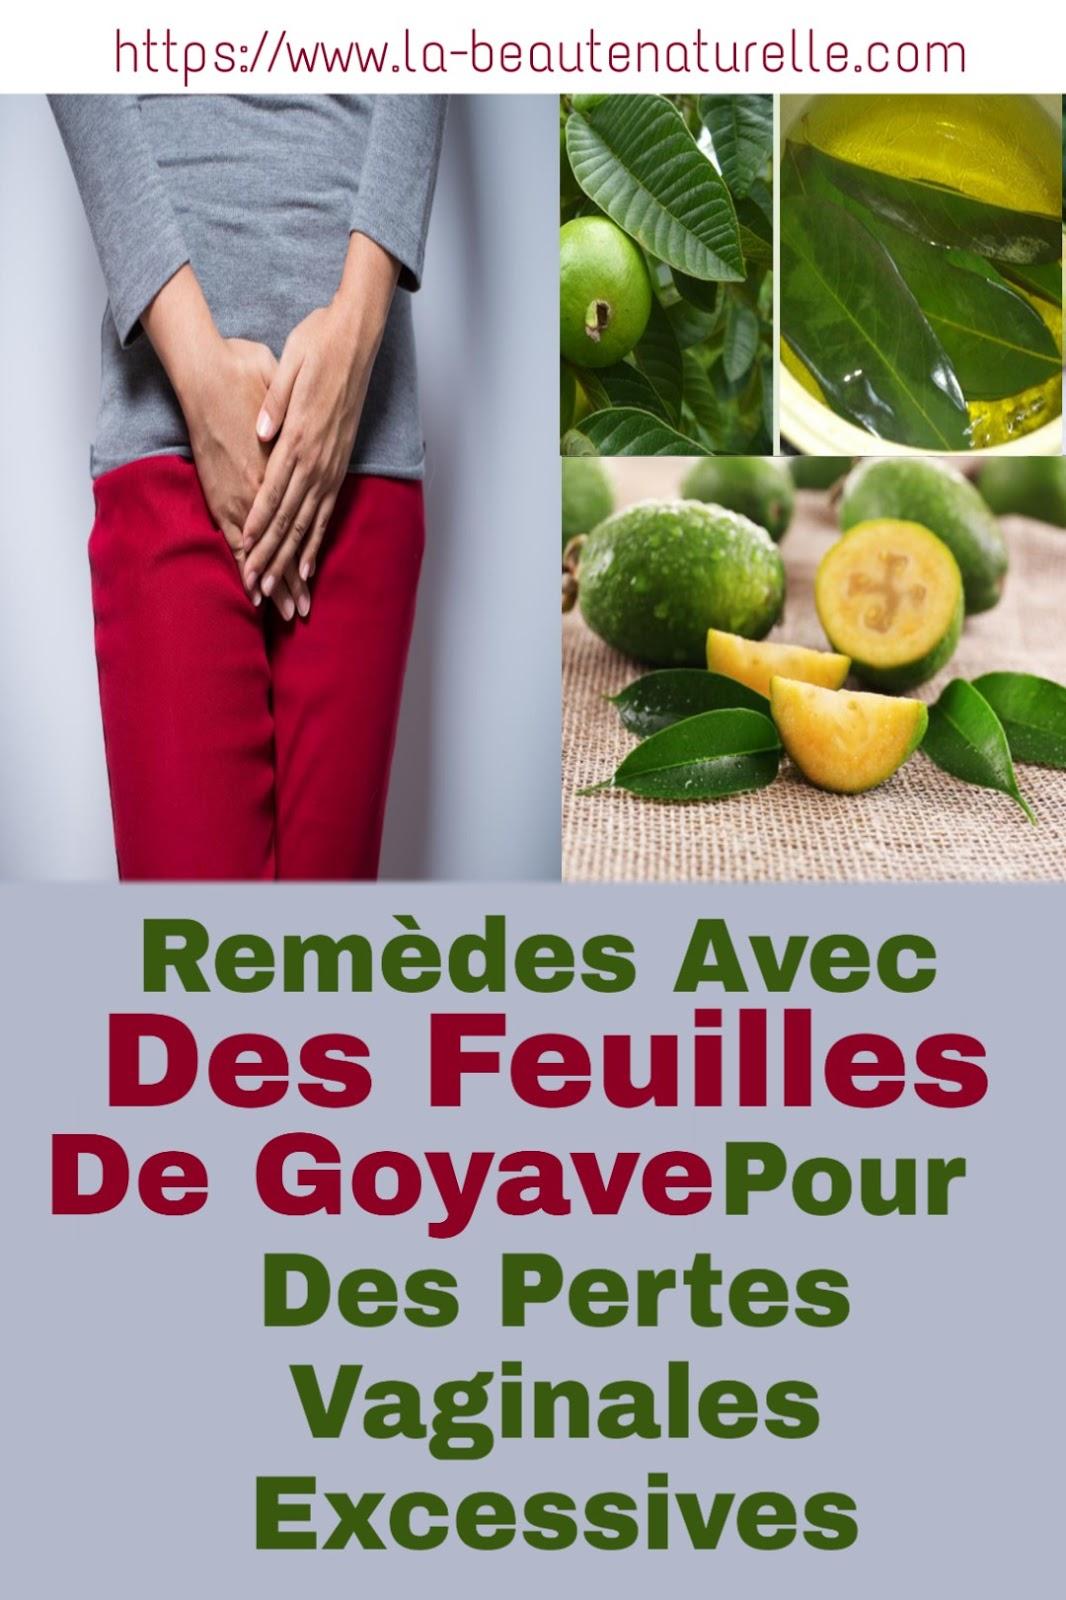 Remèdes Avec Des Feuilles De Goyave Pour Des Pertes Vaginales Excessives